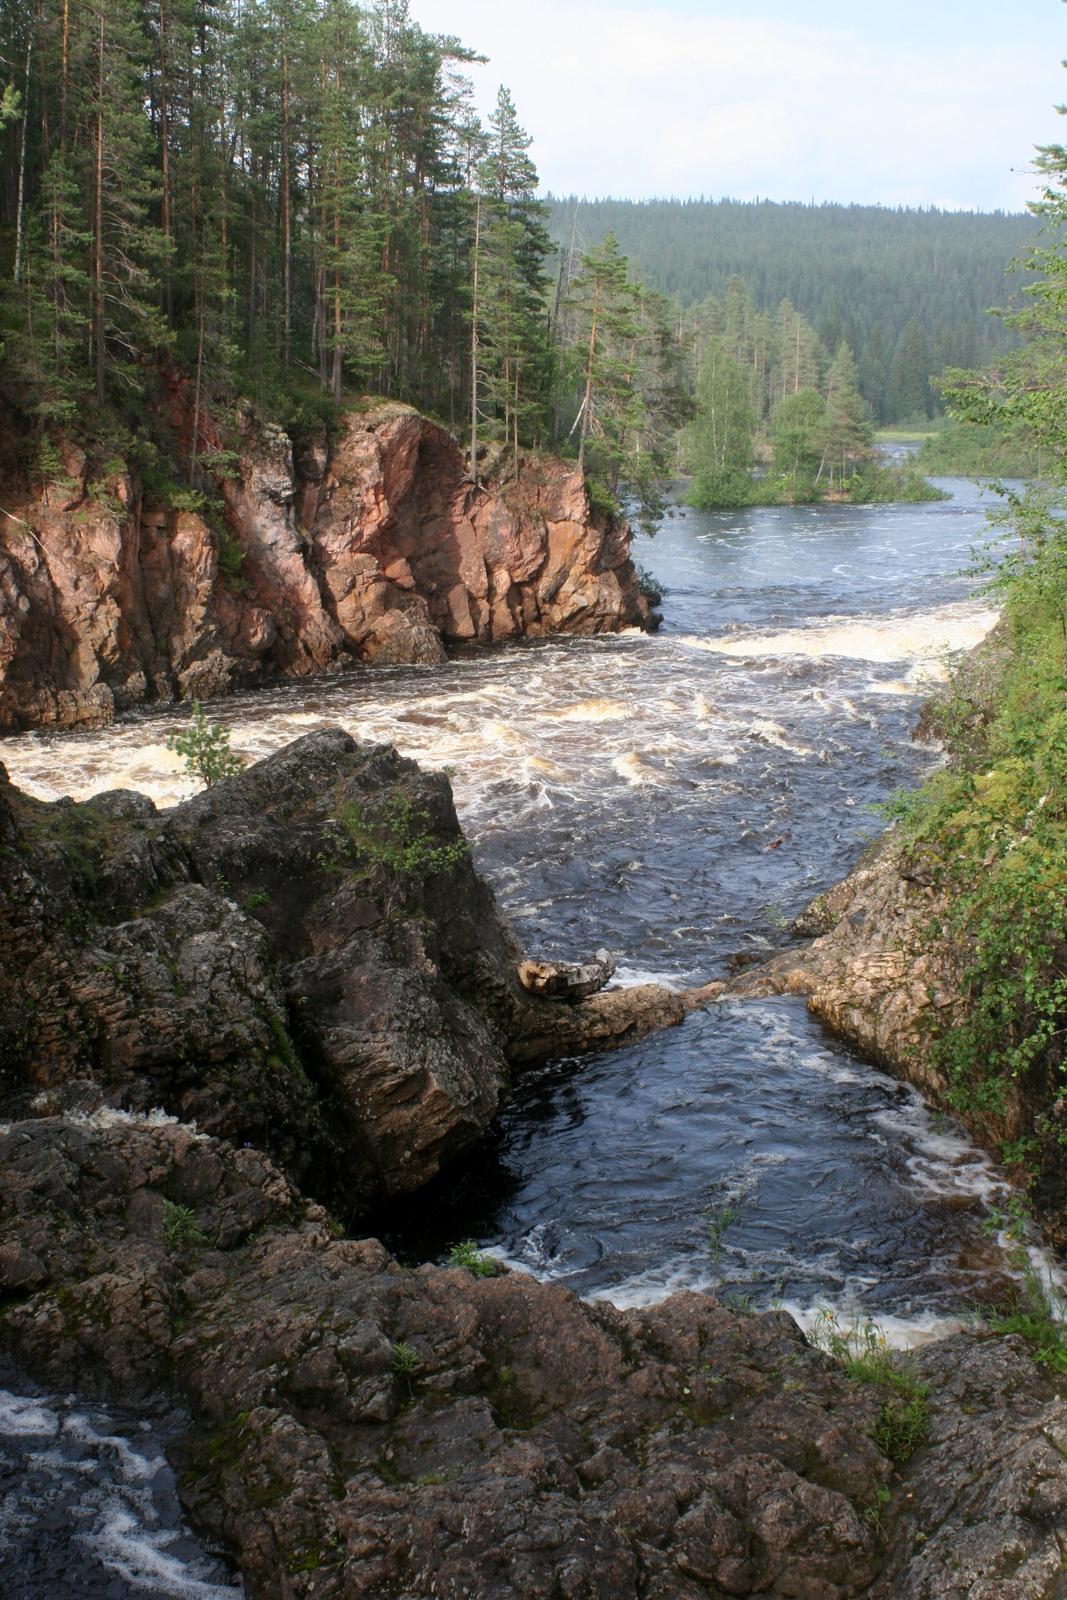 Oulangan kansallispuisto. Yleensä luonto rauhoittaa - Kiutaköngäs teki mielen enemmänkin levottomaksi.